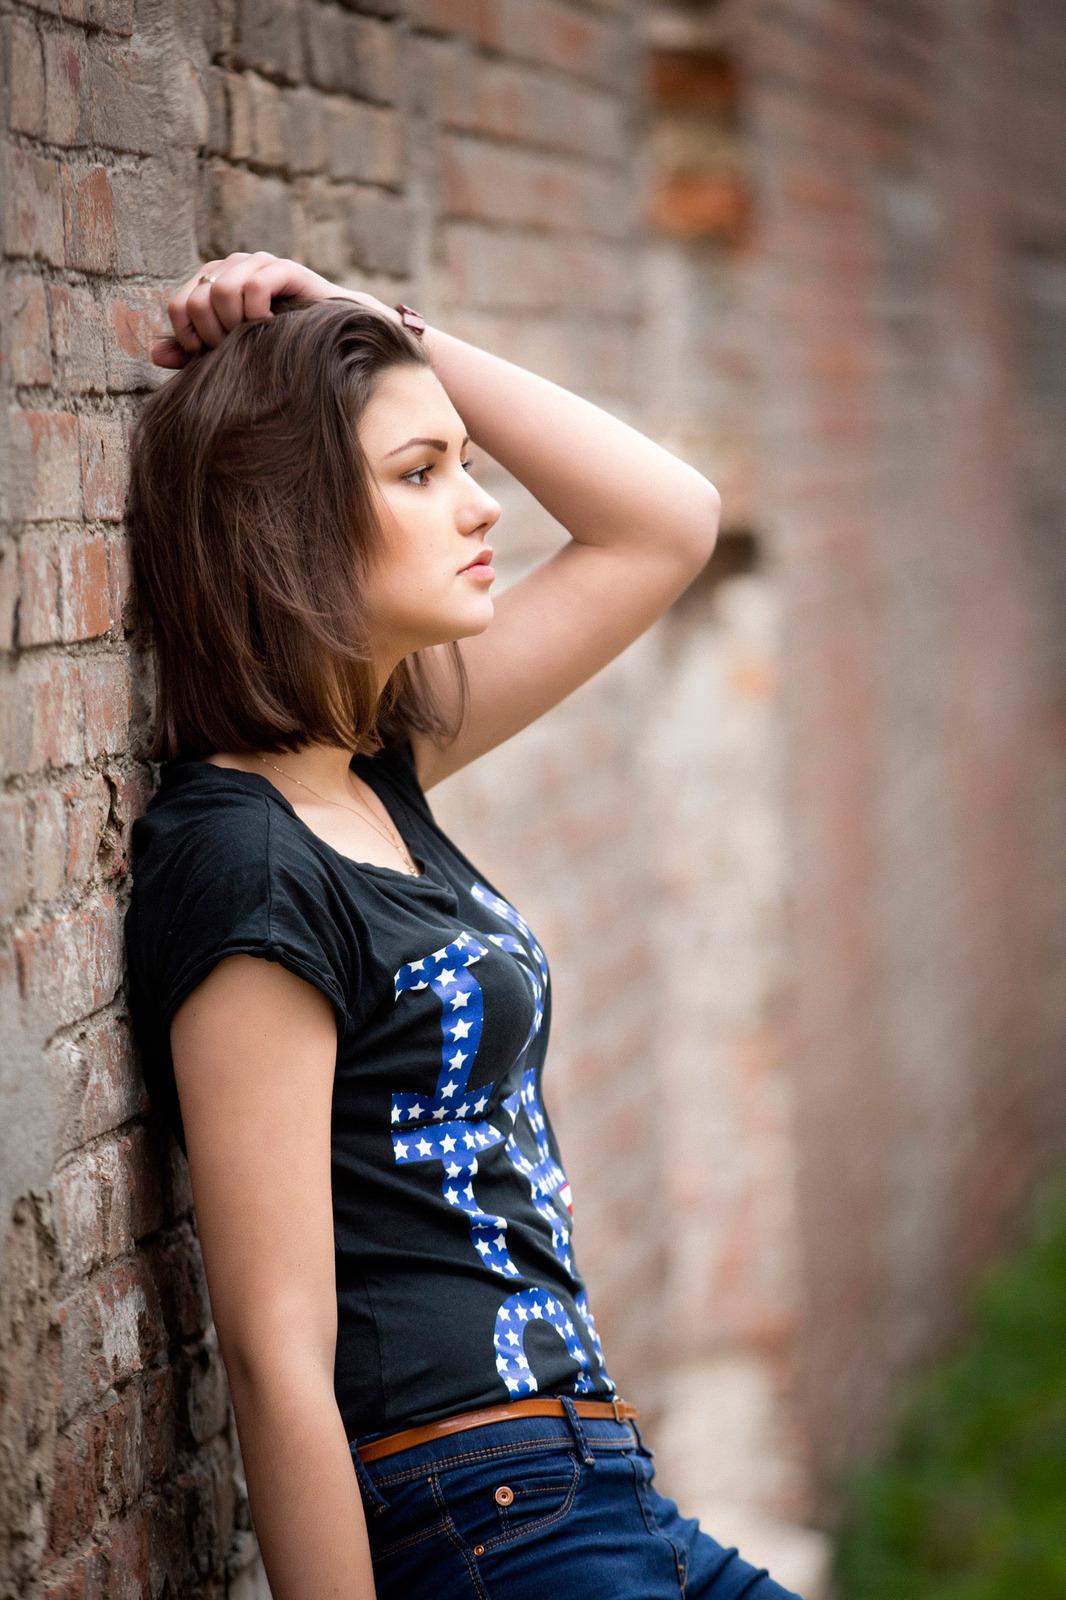 Фото девушек на улице летом 14 фотография